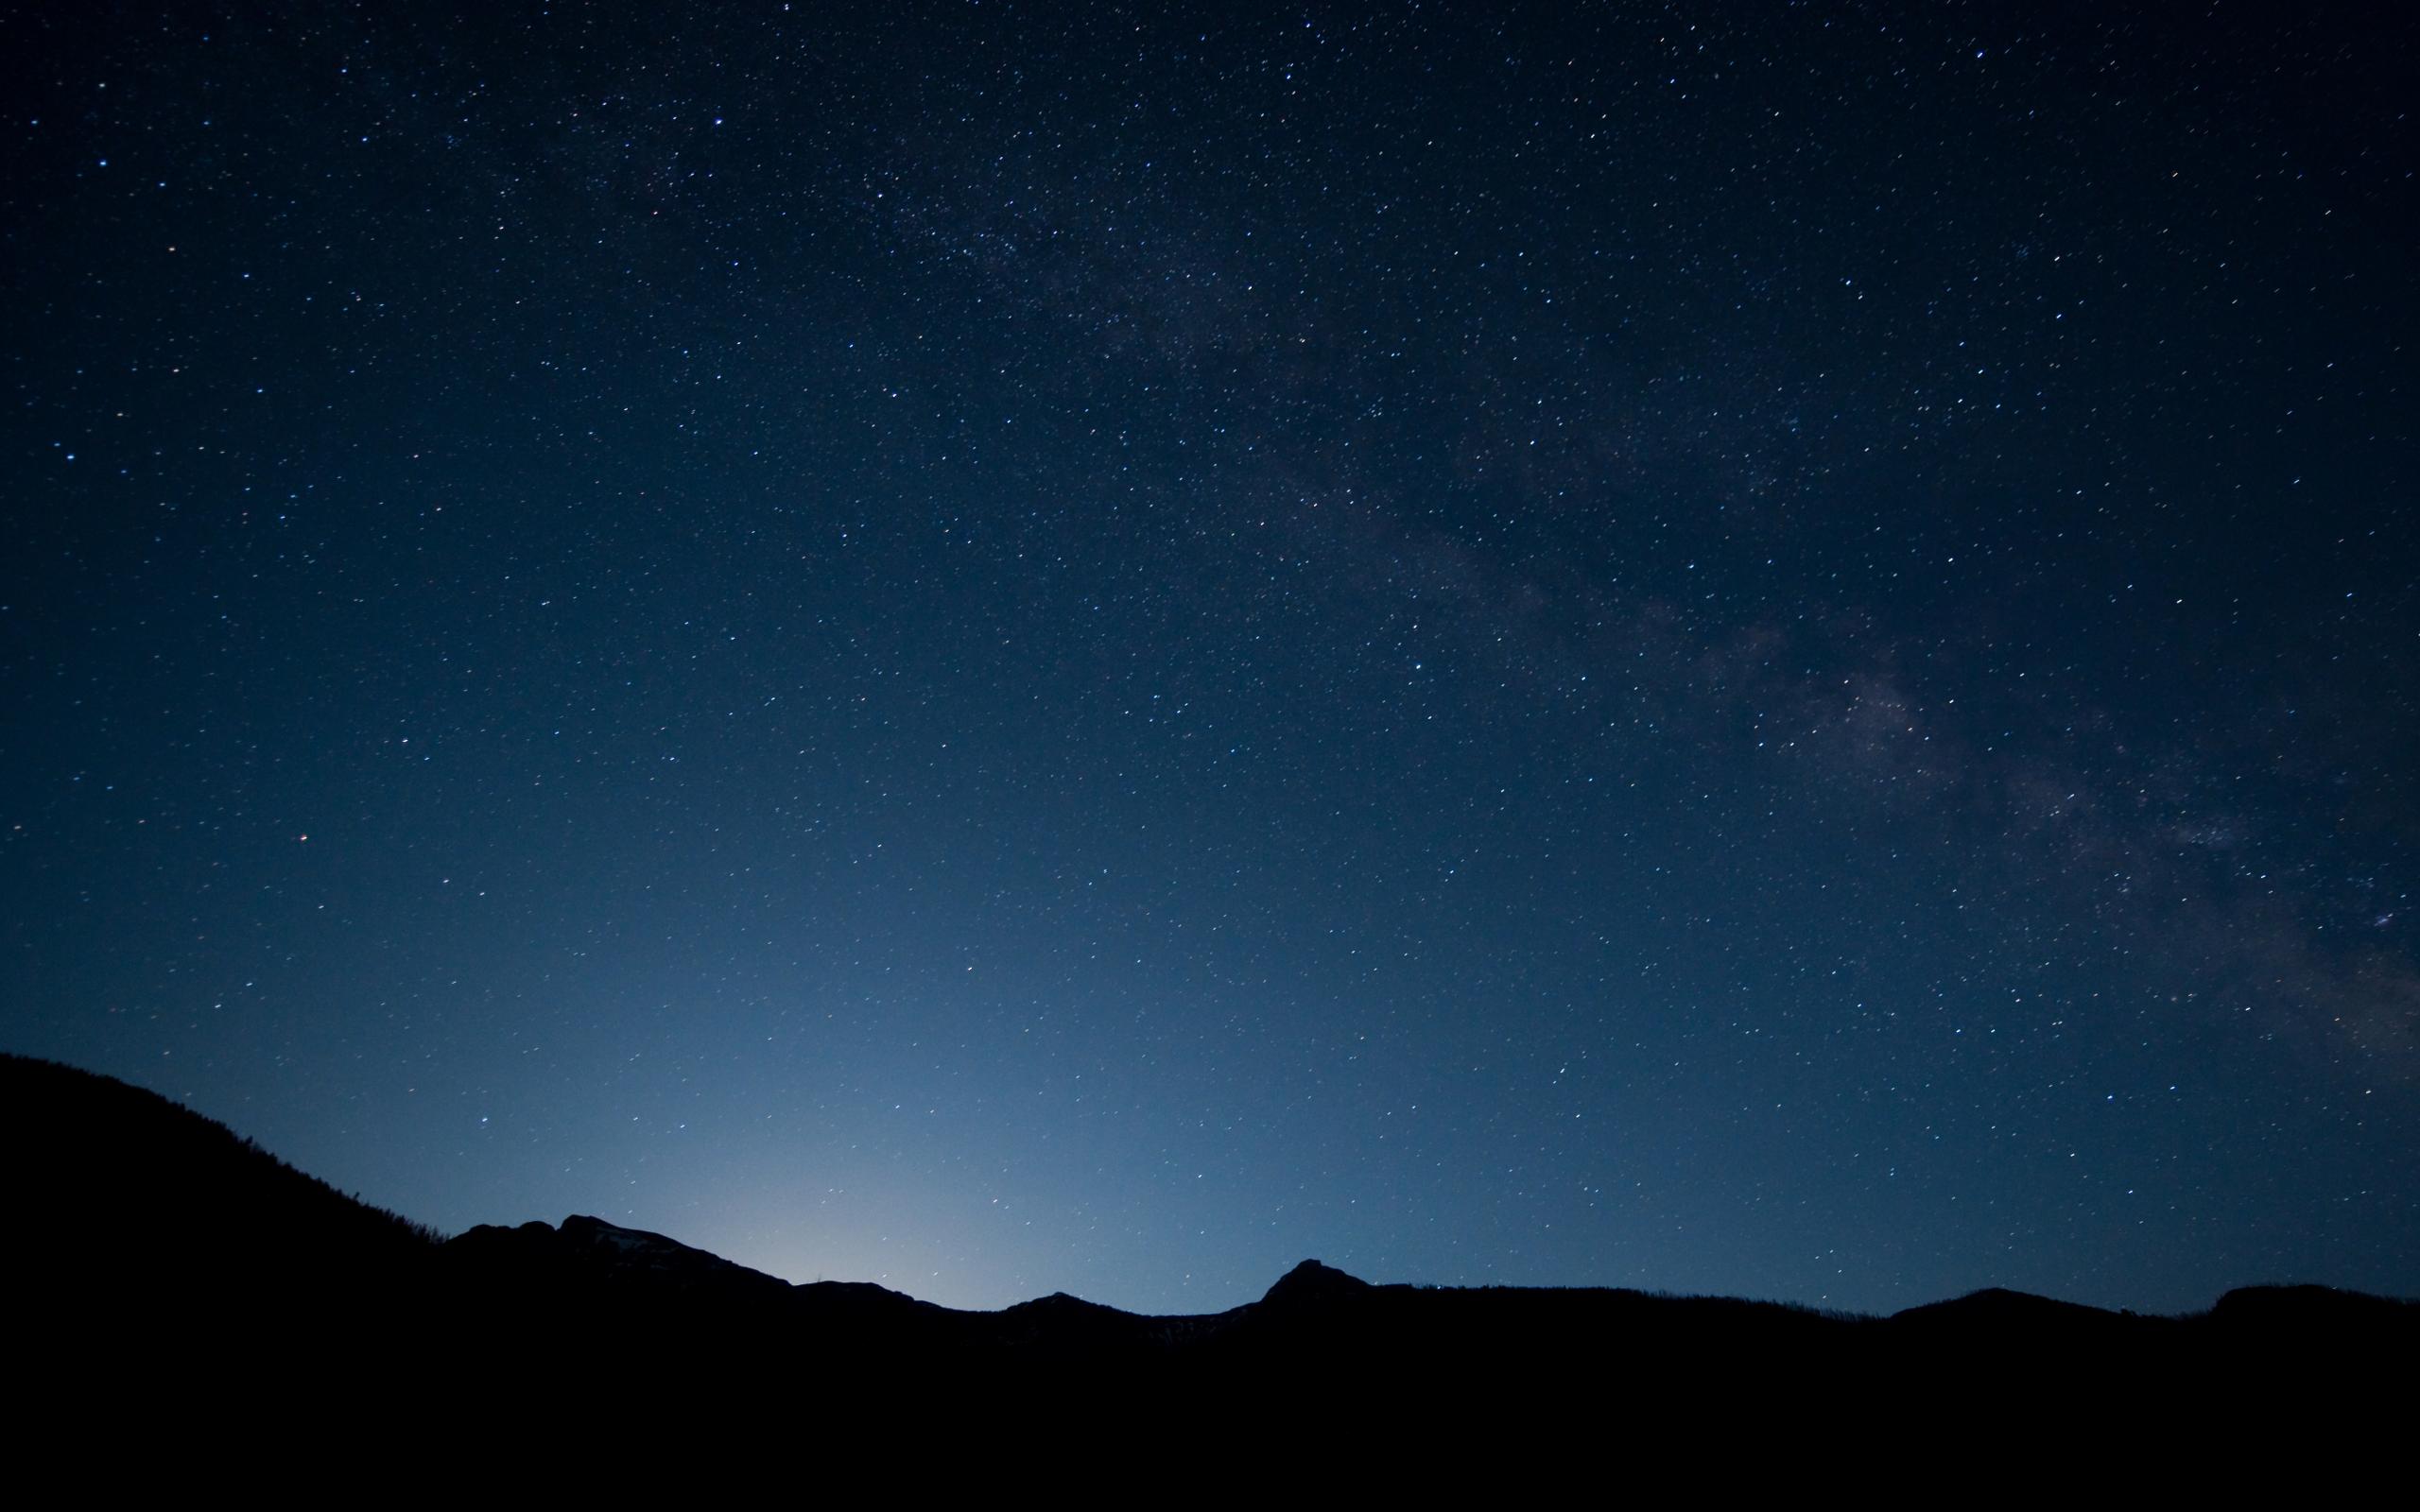 Night Sky Desktop Wallpaper - WallpaperSafari